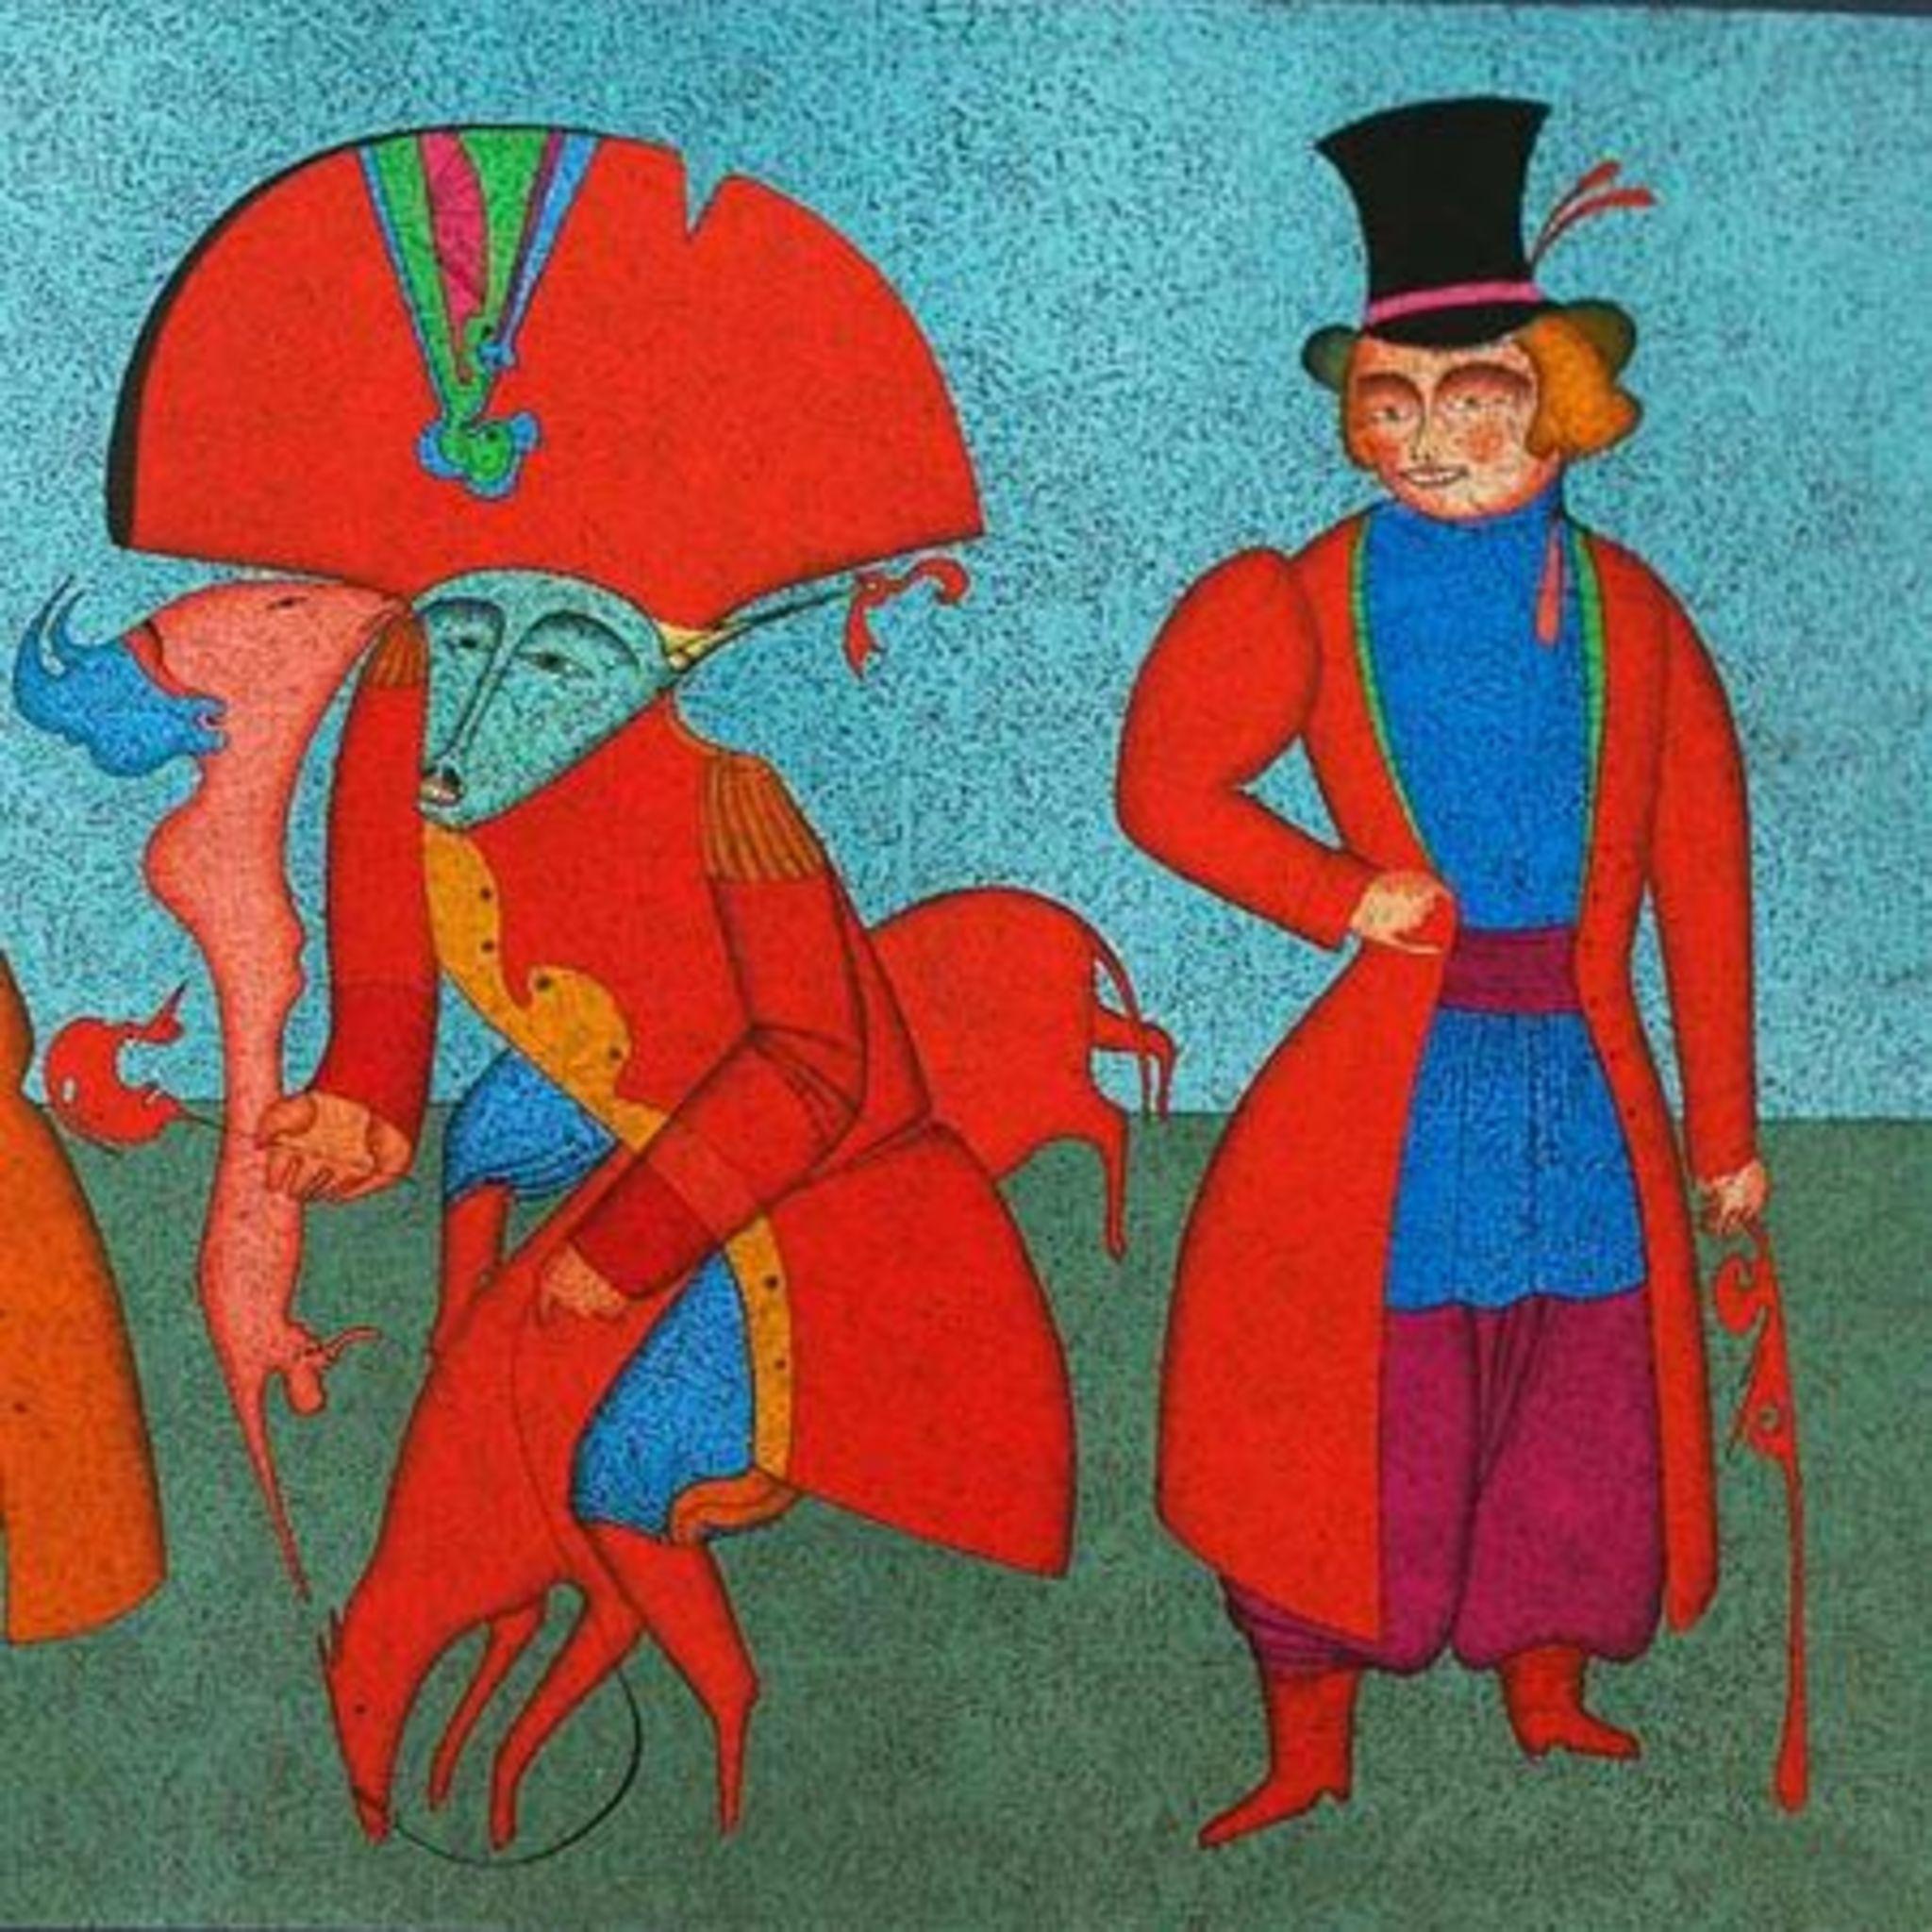 Выставка Михаила Шемякина «Карнавалы Санкт-Петербурга»